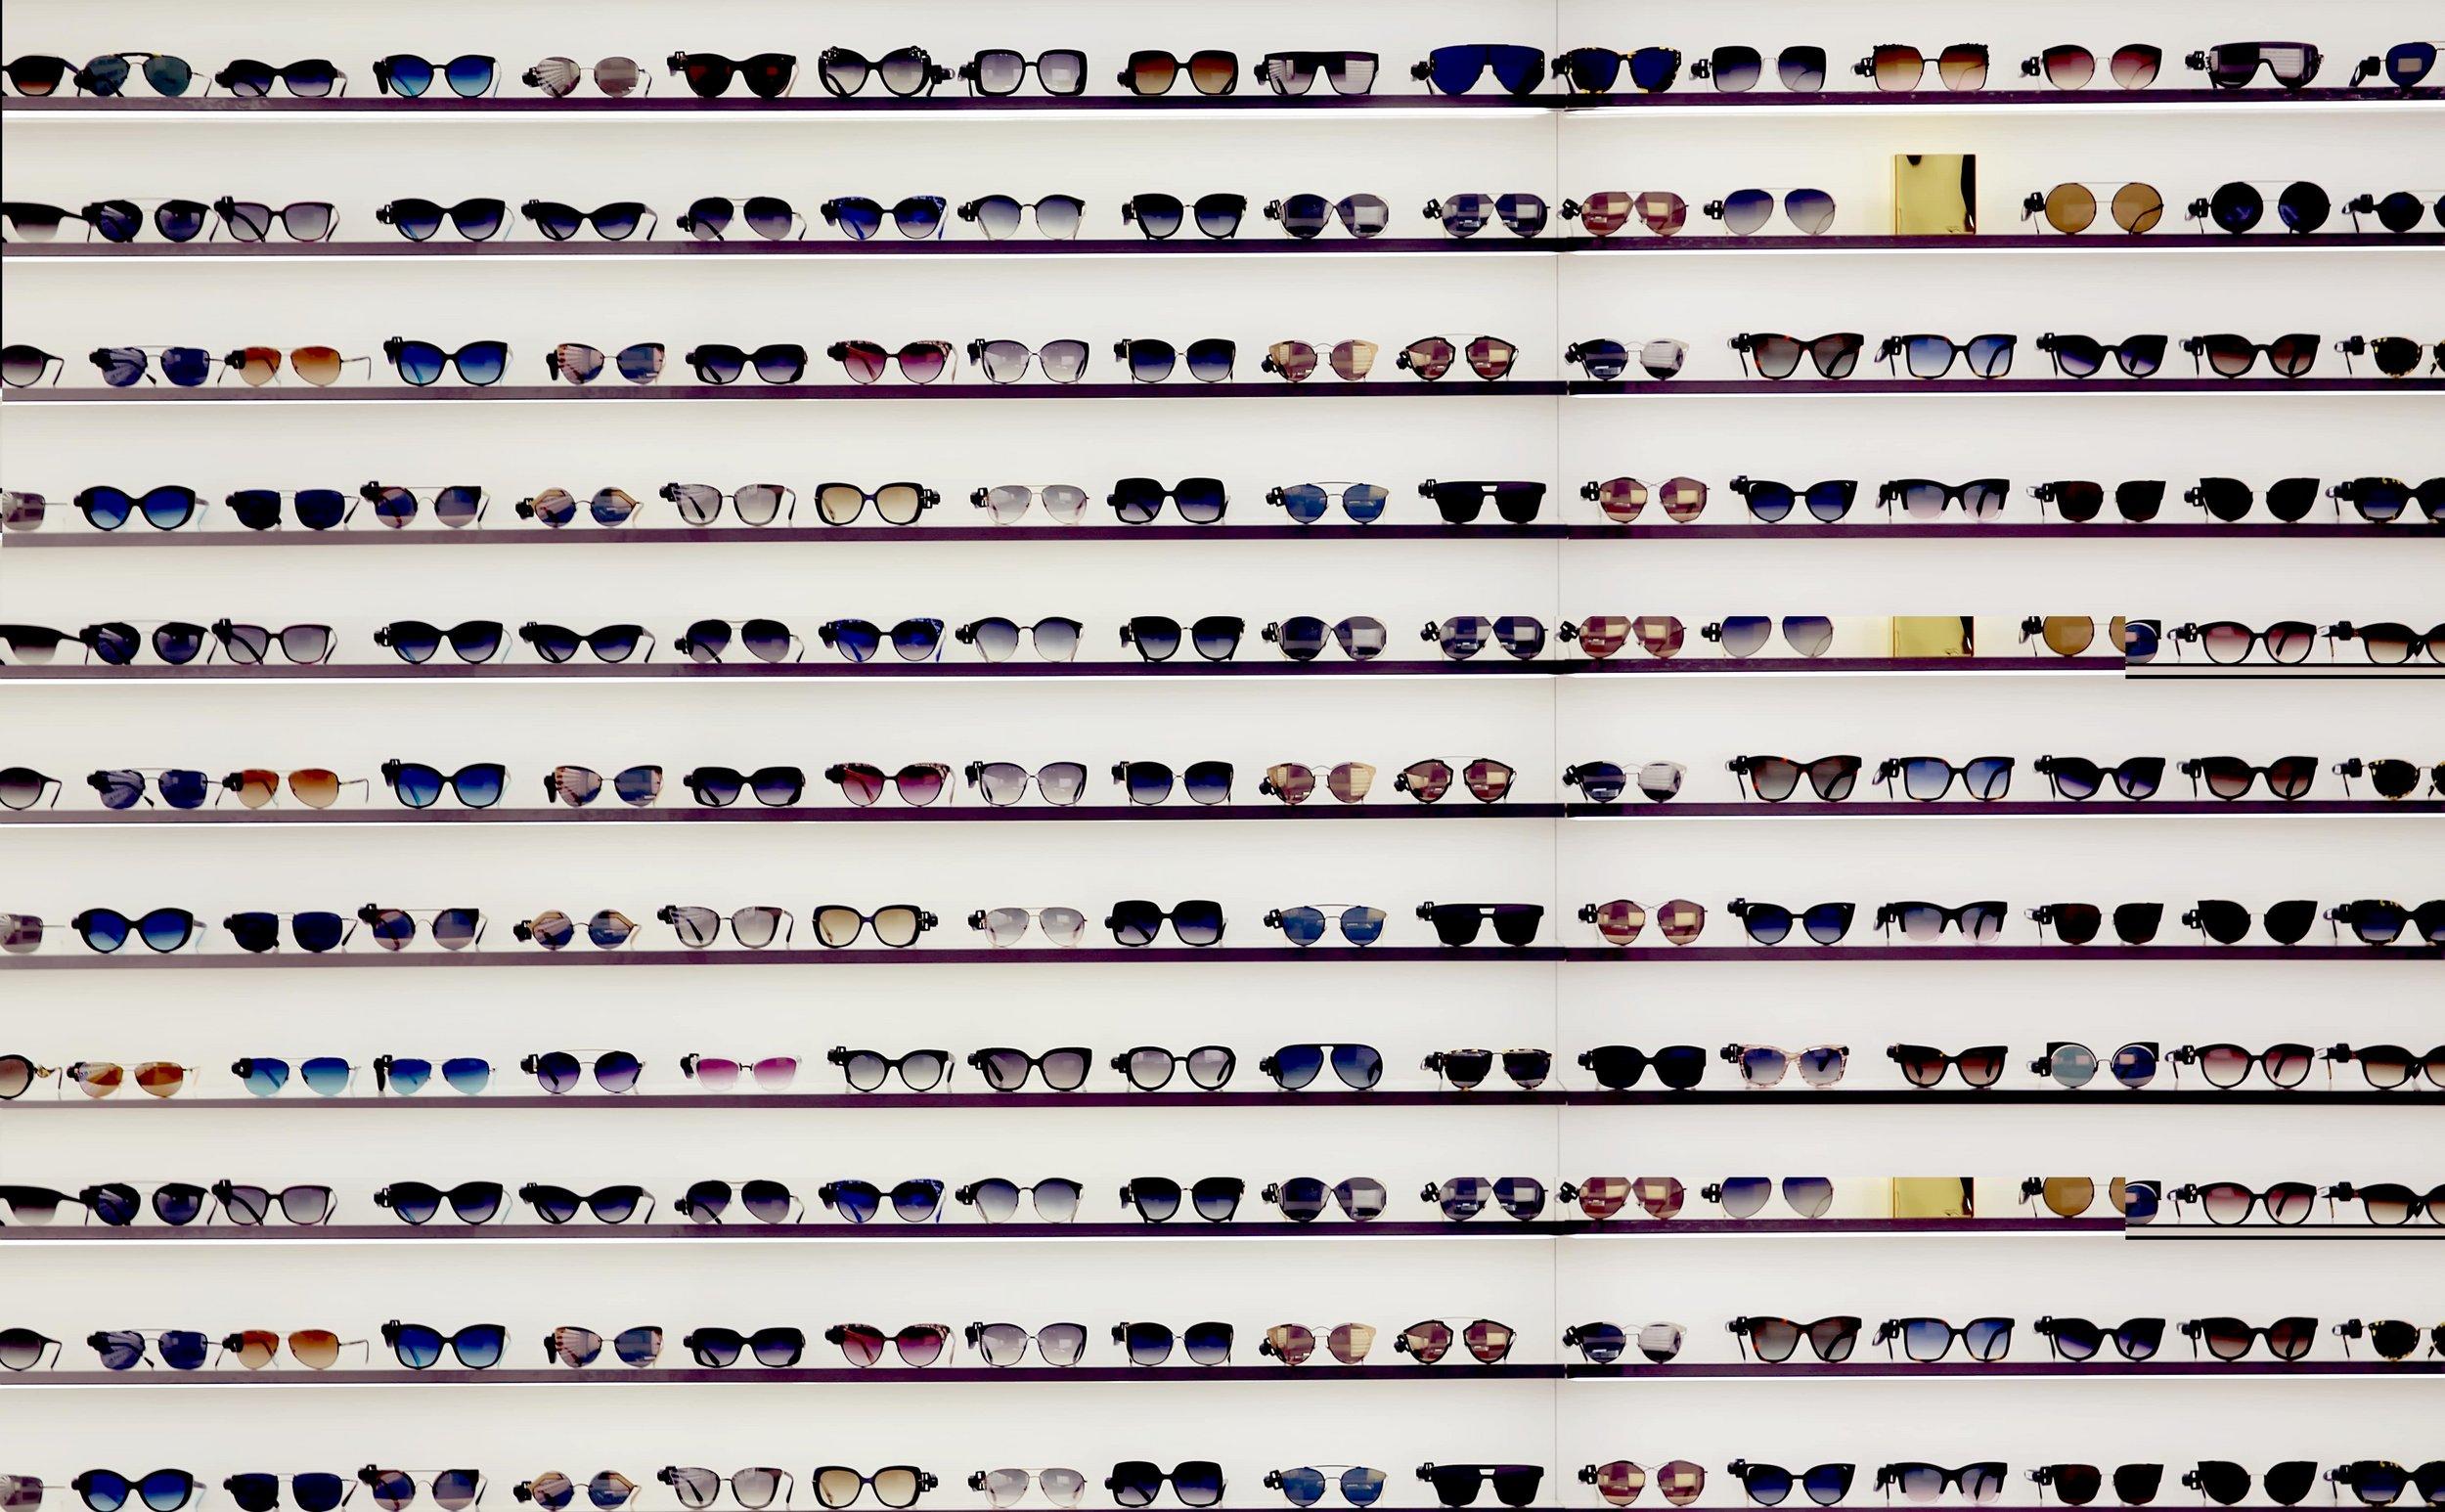 Wide range of sunclasses